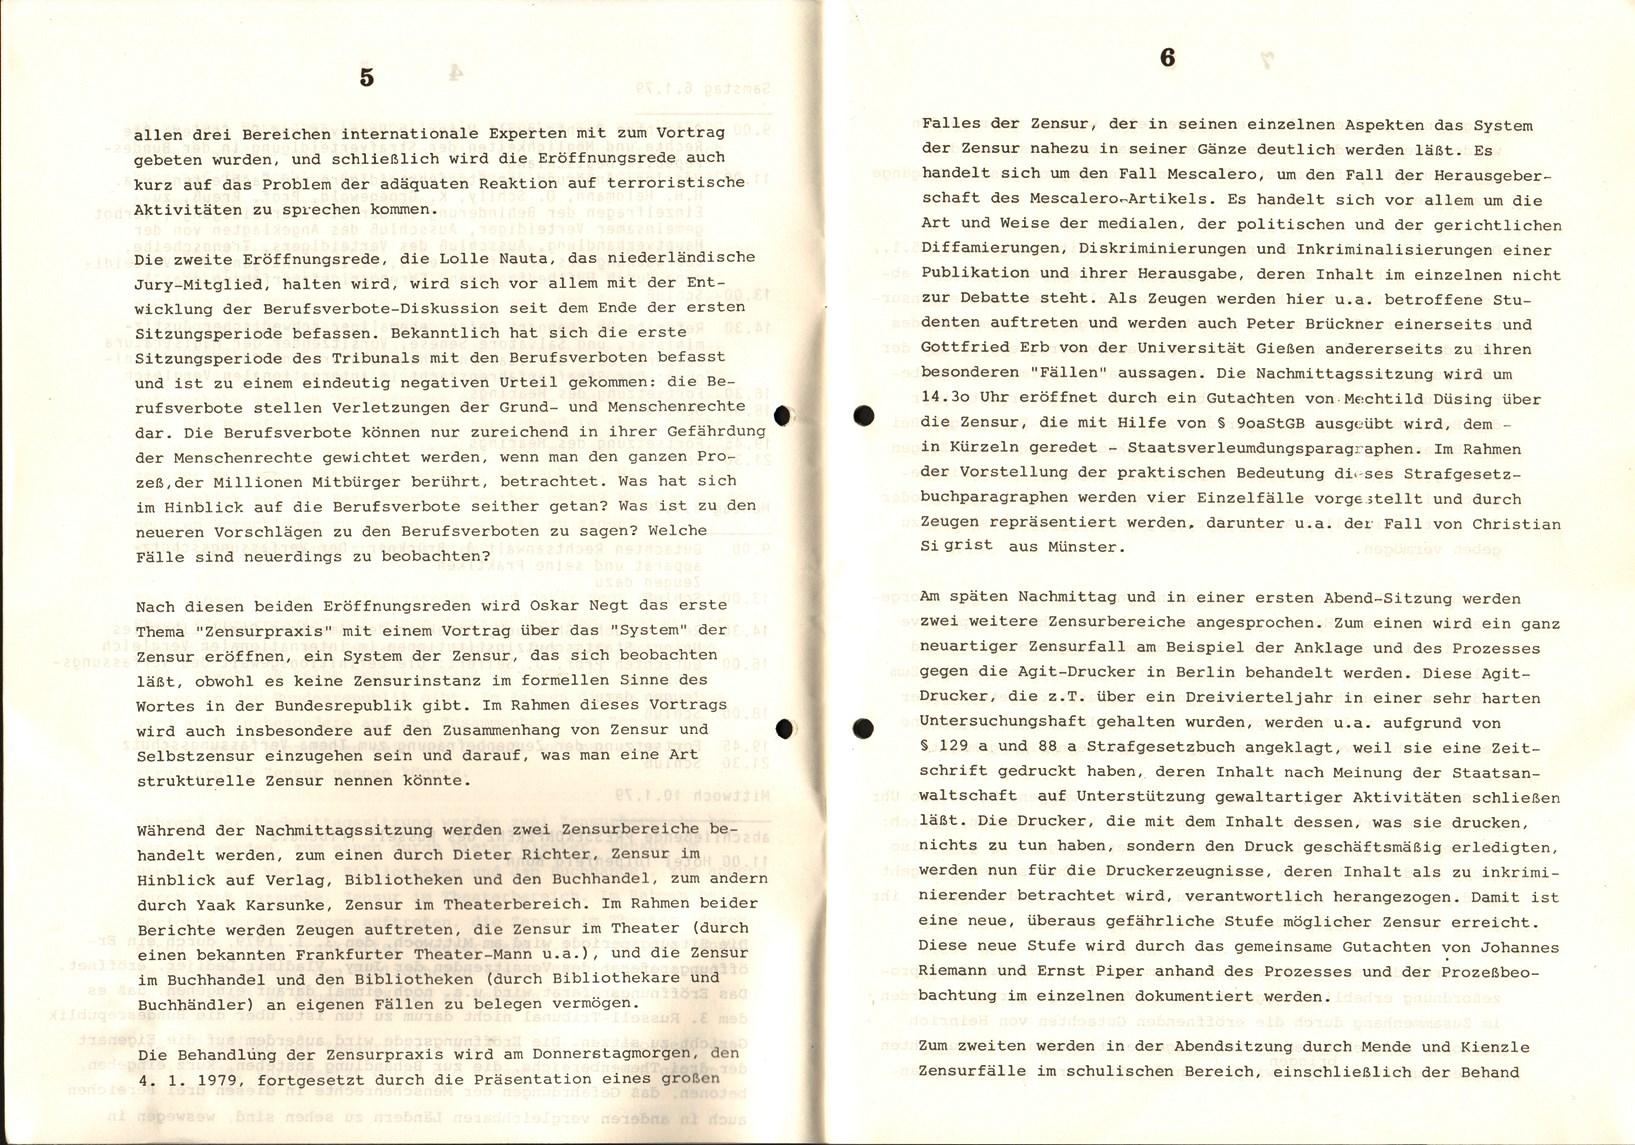 RT_Zur_zweiten_Sitzungsperiode_1979_05